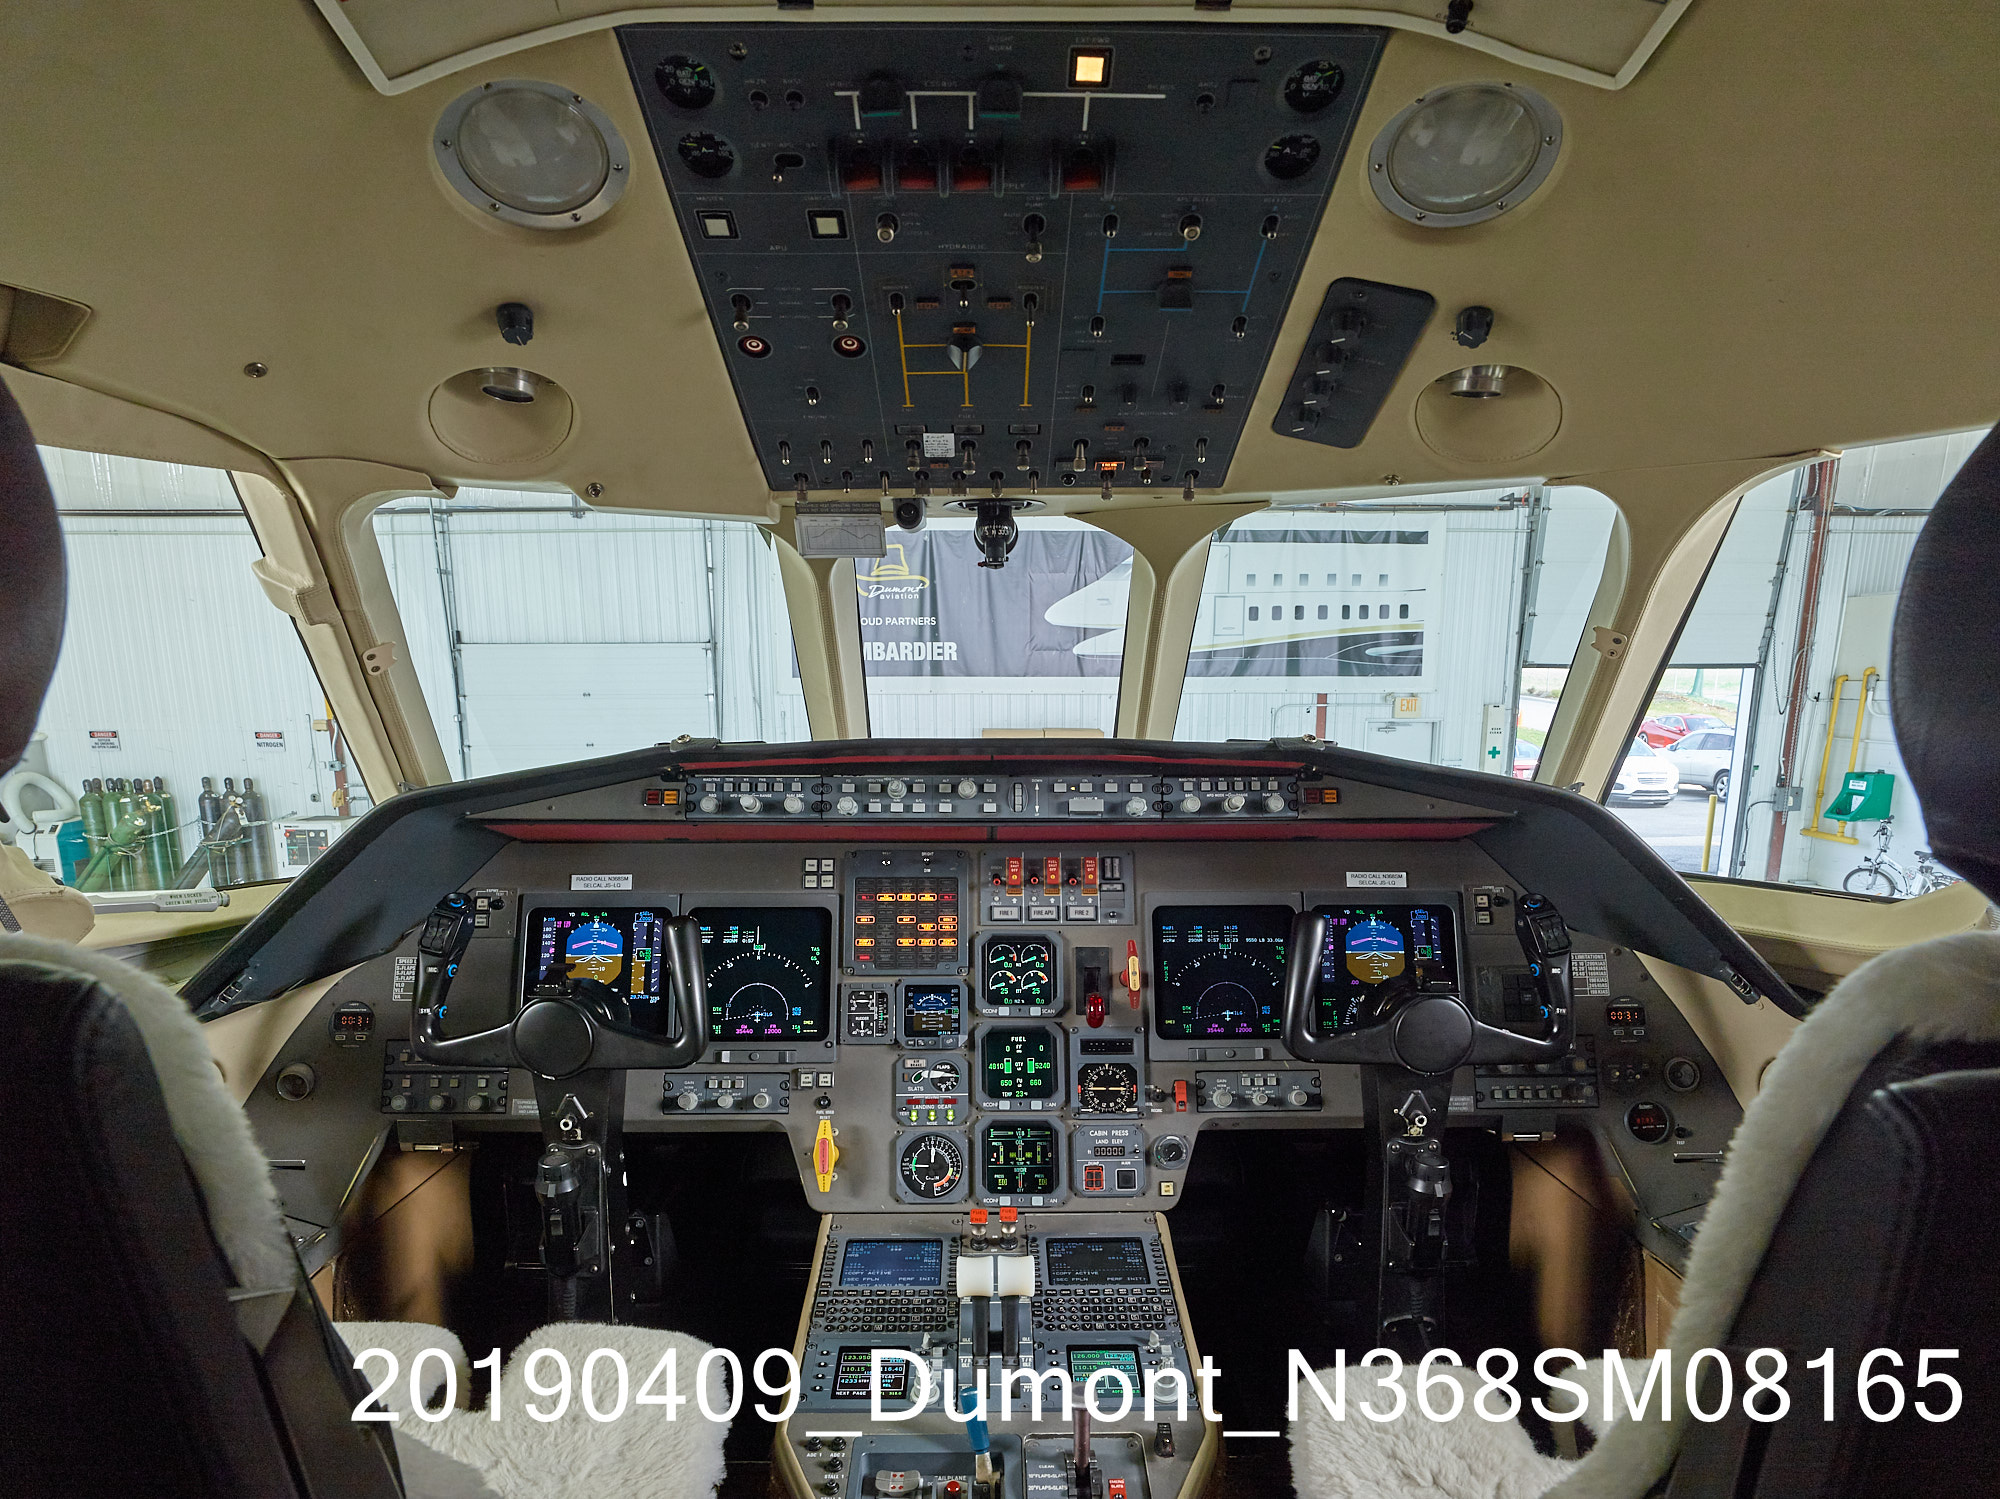 20190409_Dumont_N368SM08165.jpg